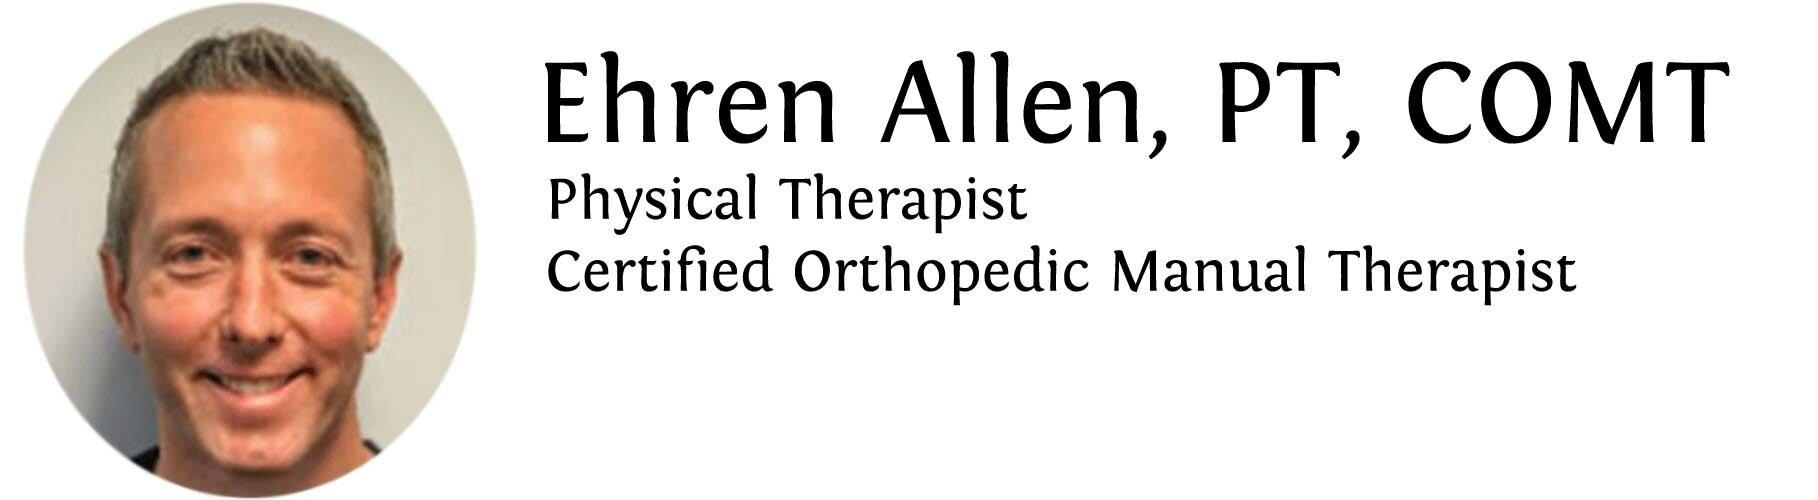 Ehren Allen, DPT, COMT